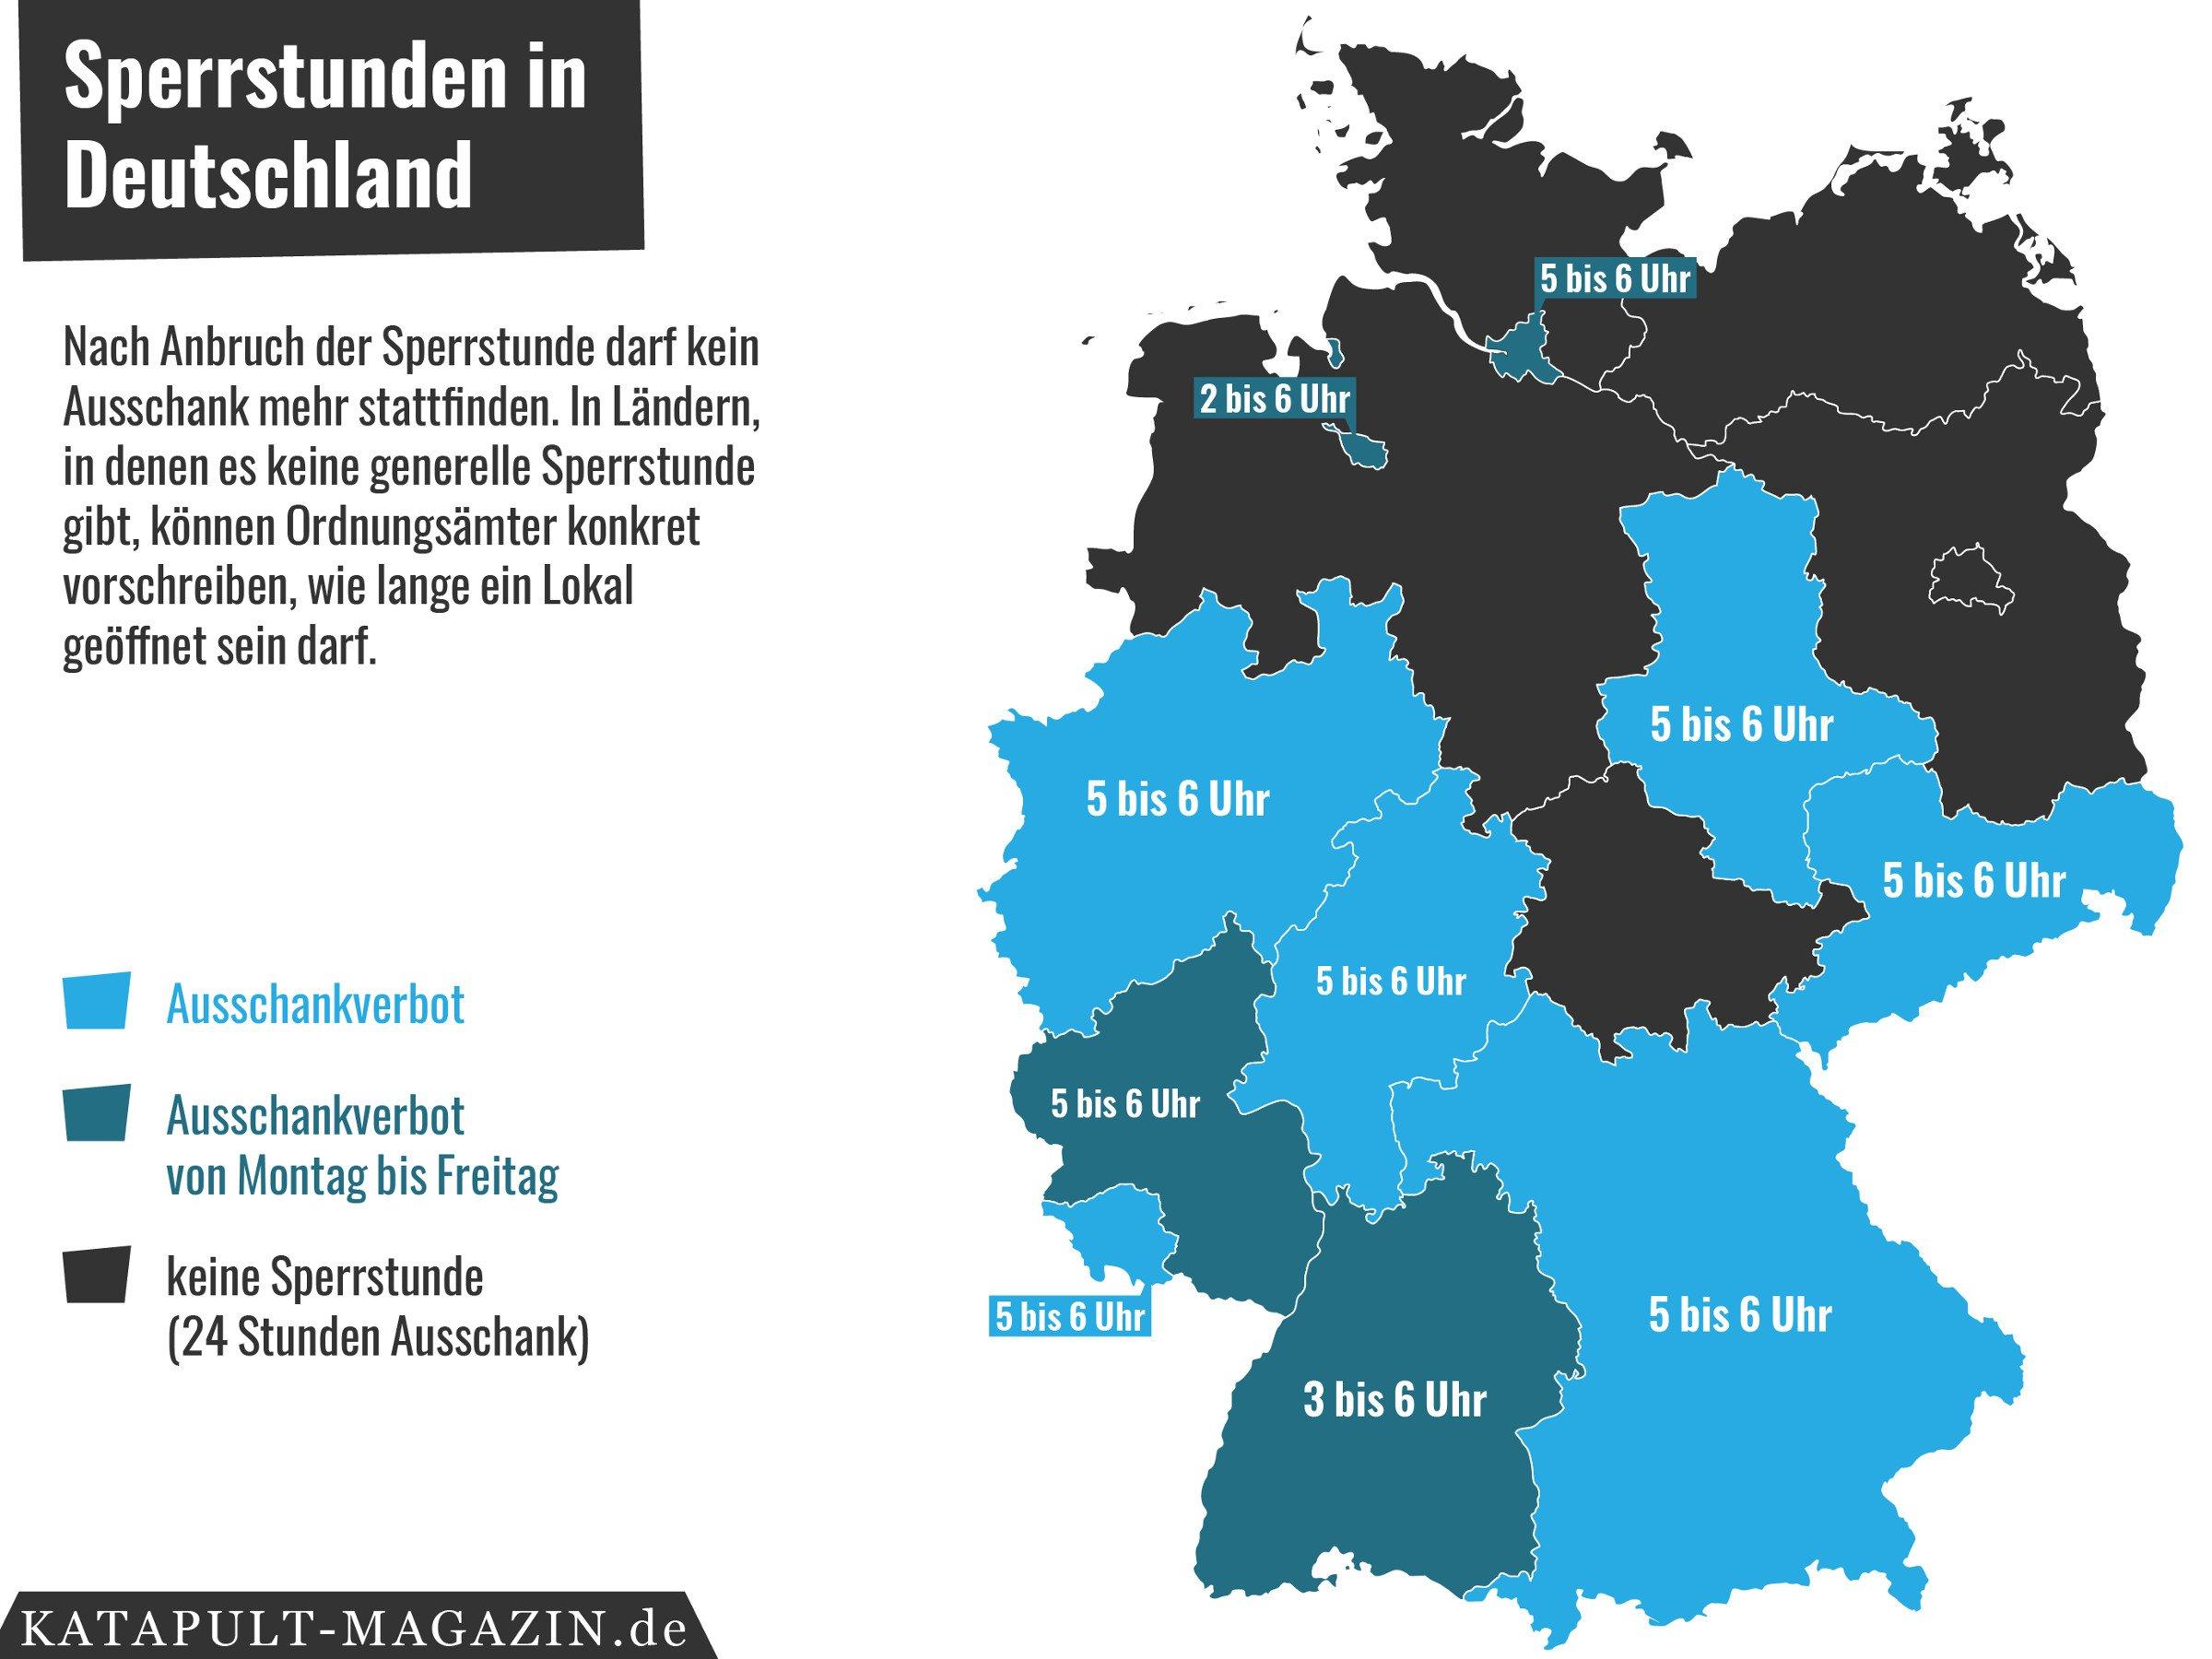 Karte der Woche | Ist eine Sperrstunde in Deutschland sinnvoll? – Hochgeklappte Bürgersteige | detektor.fm – Das Podcast-Radio